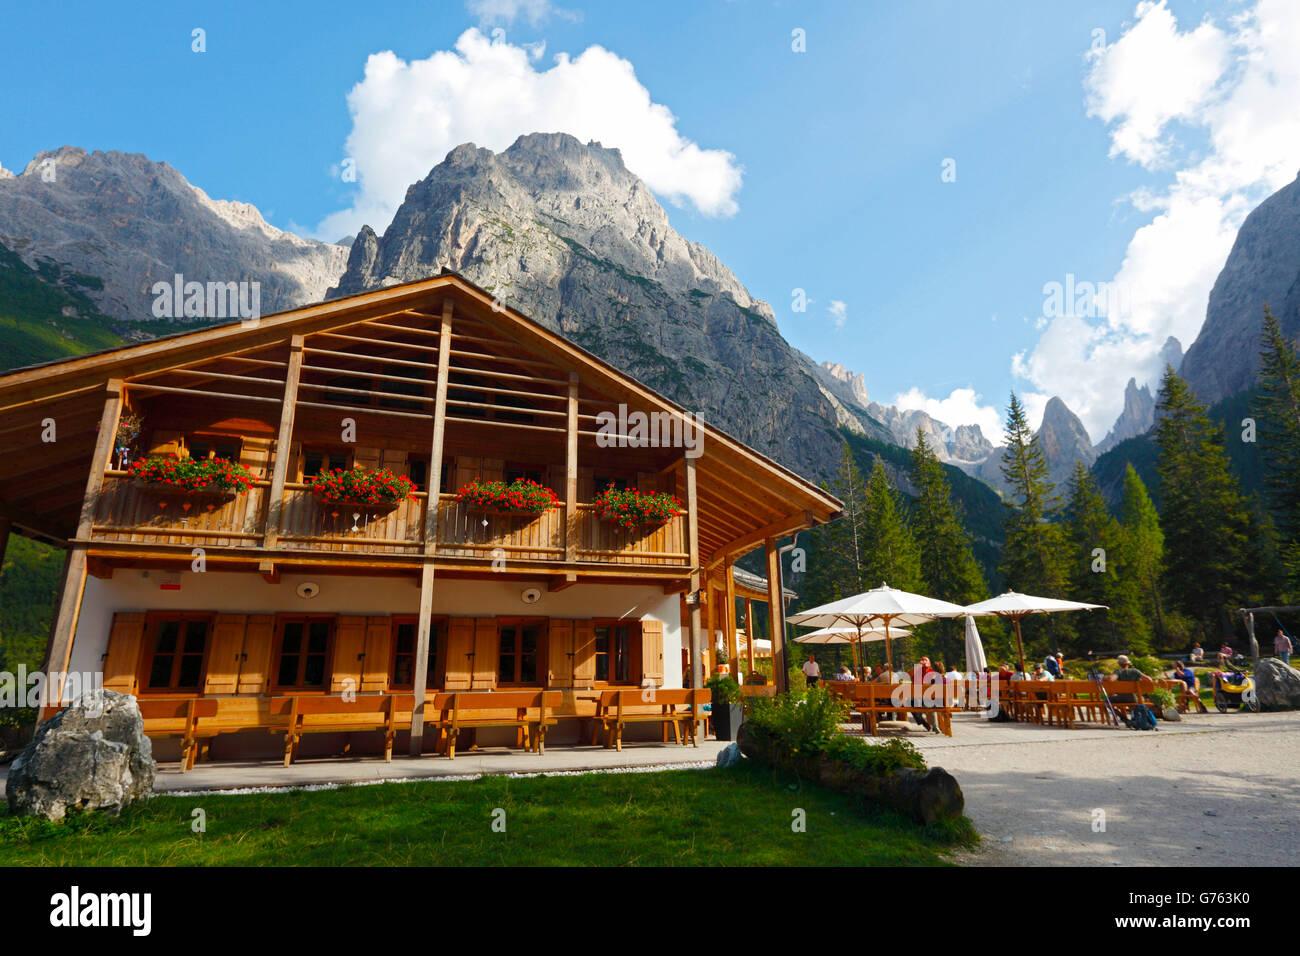 Rifugio Fond Valle, Croda Rossa, Fischleintal, Sextner Dolomiten, South Tyrol, Dolomites, Italy - Stock Image